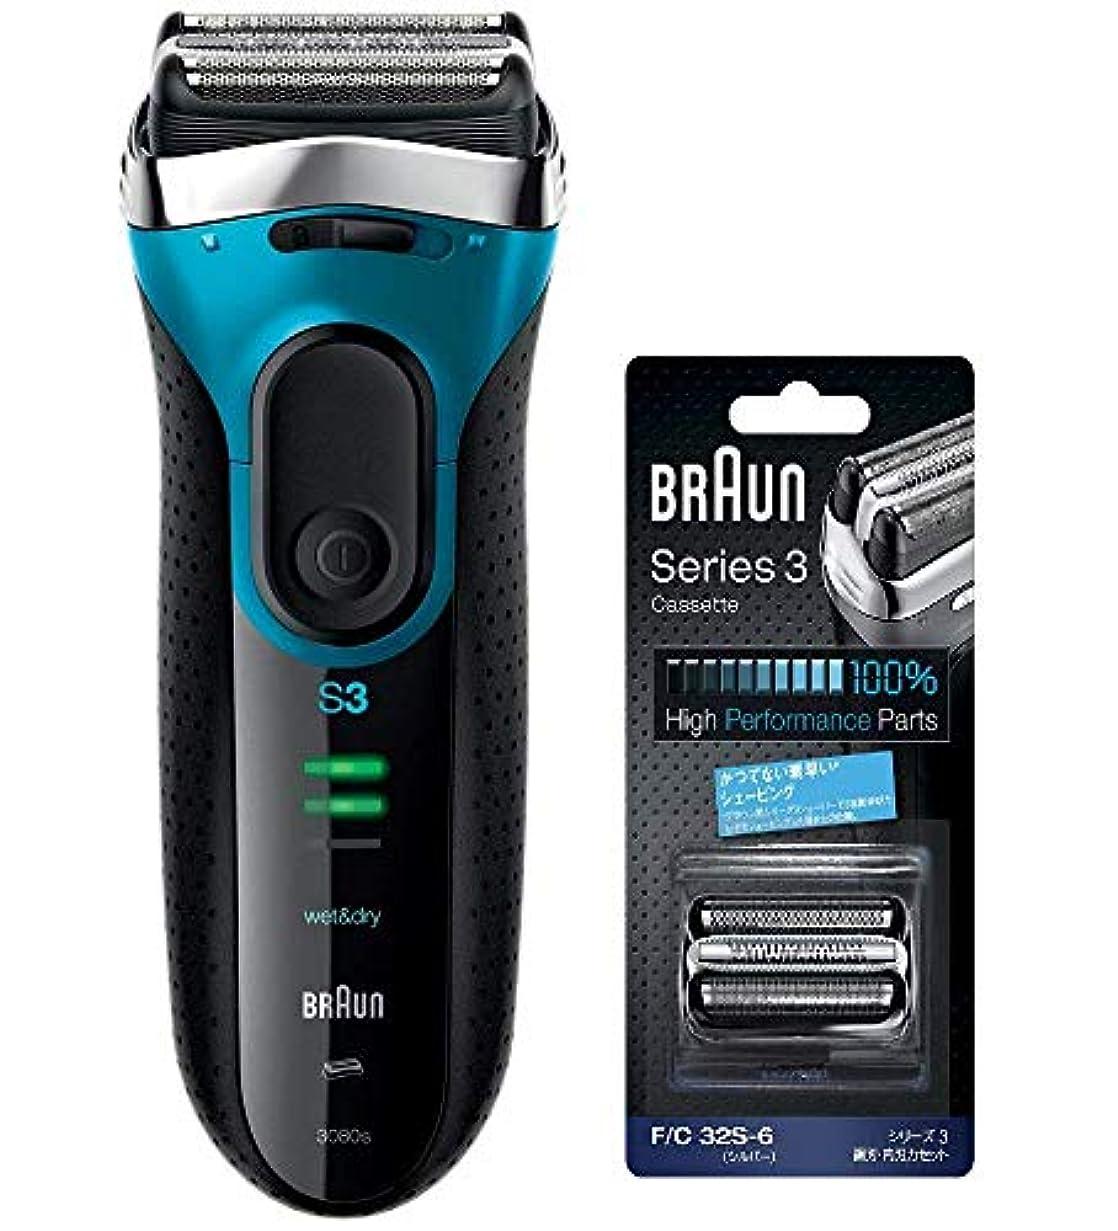 速いどこにでも活性化ブラウン メンズ電気シェーバー シリーズ3 交換用替刃付 3080S-B-SET 3枚刃 水洗い/お風呂剃り可 ブルー